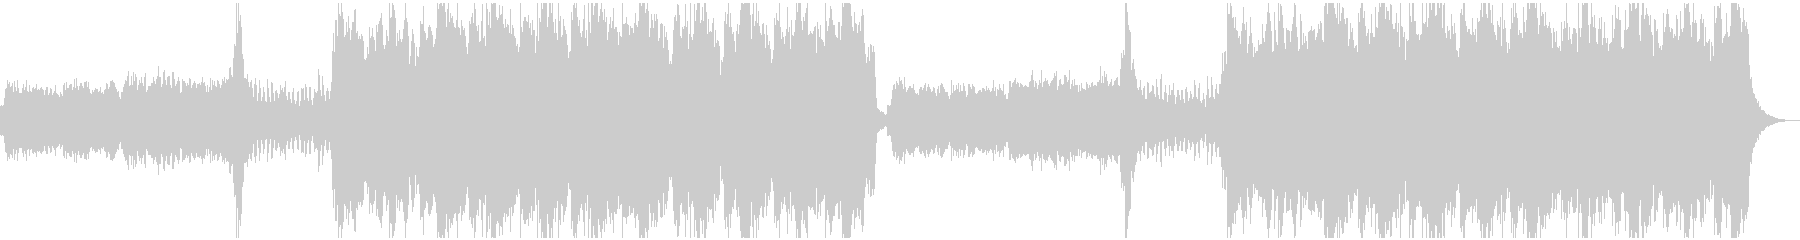 ダークファンタジー系のBGMの未再生の波形